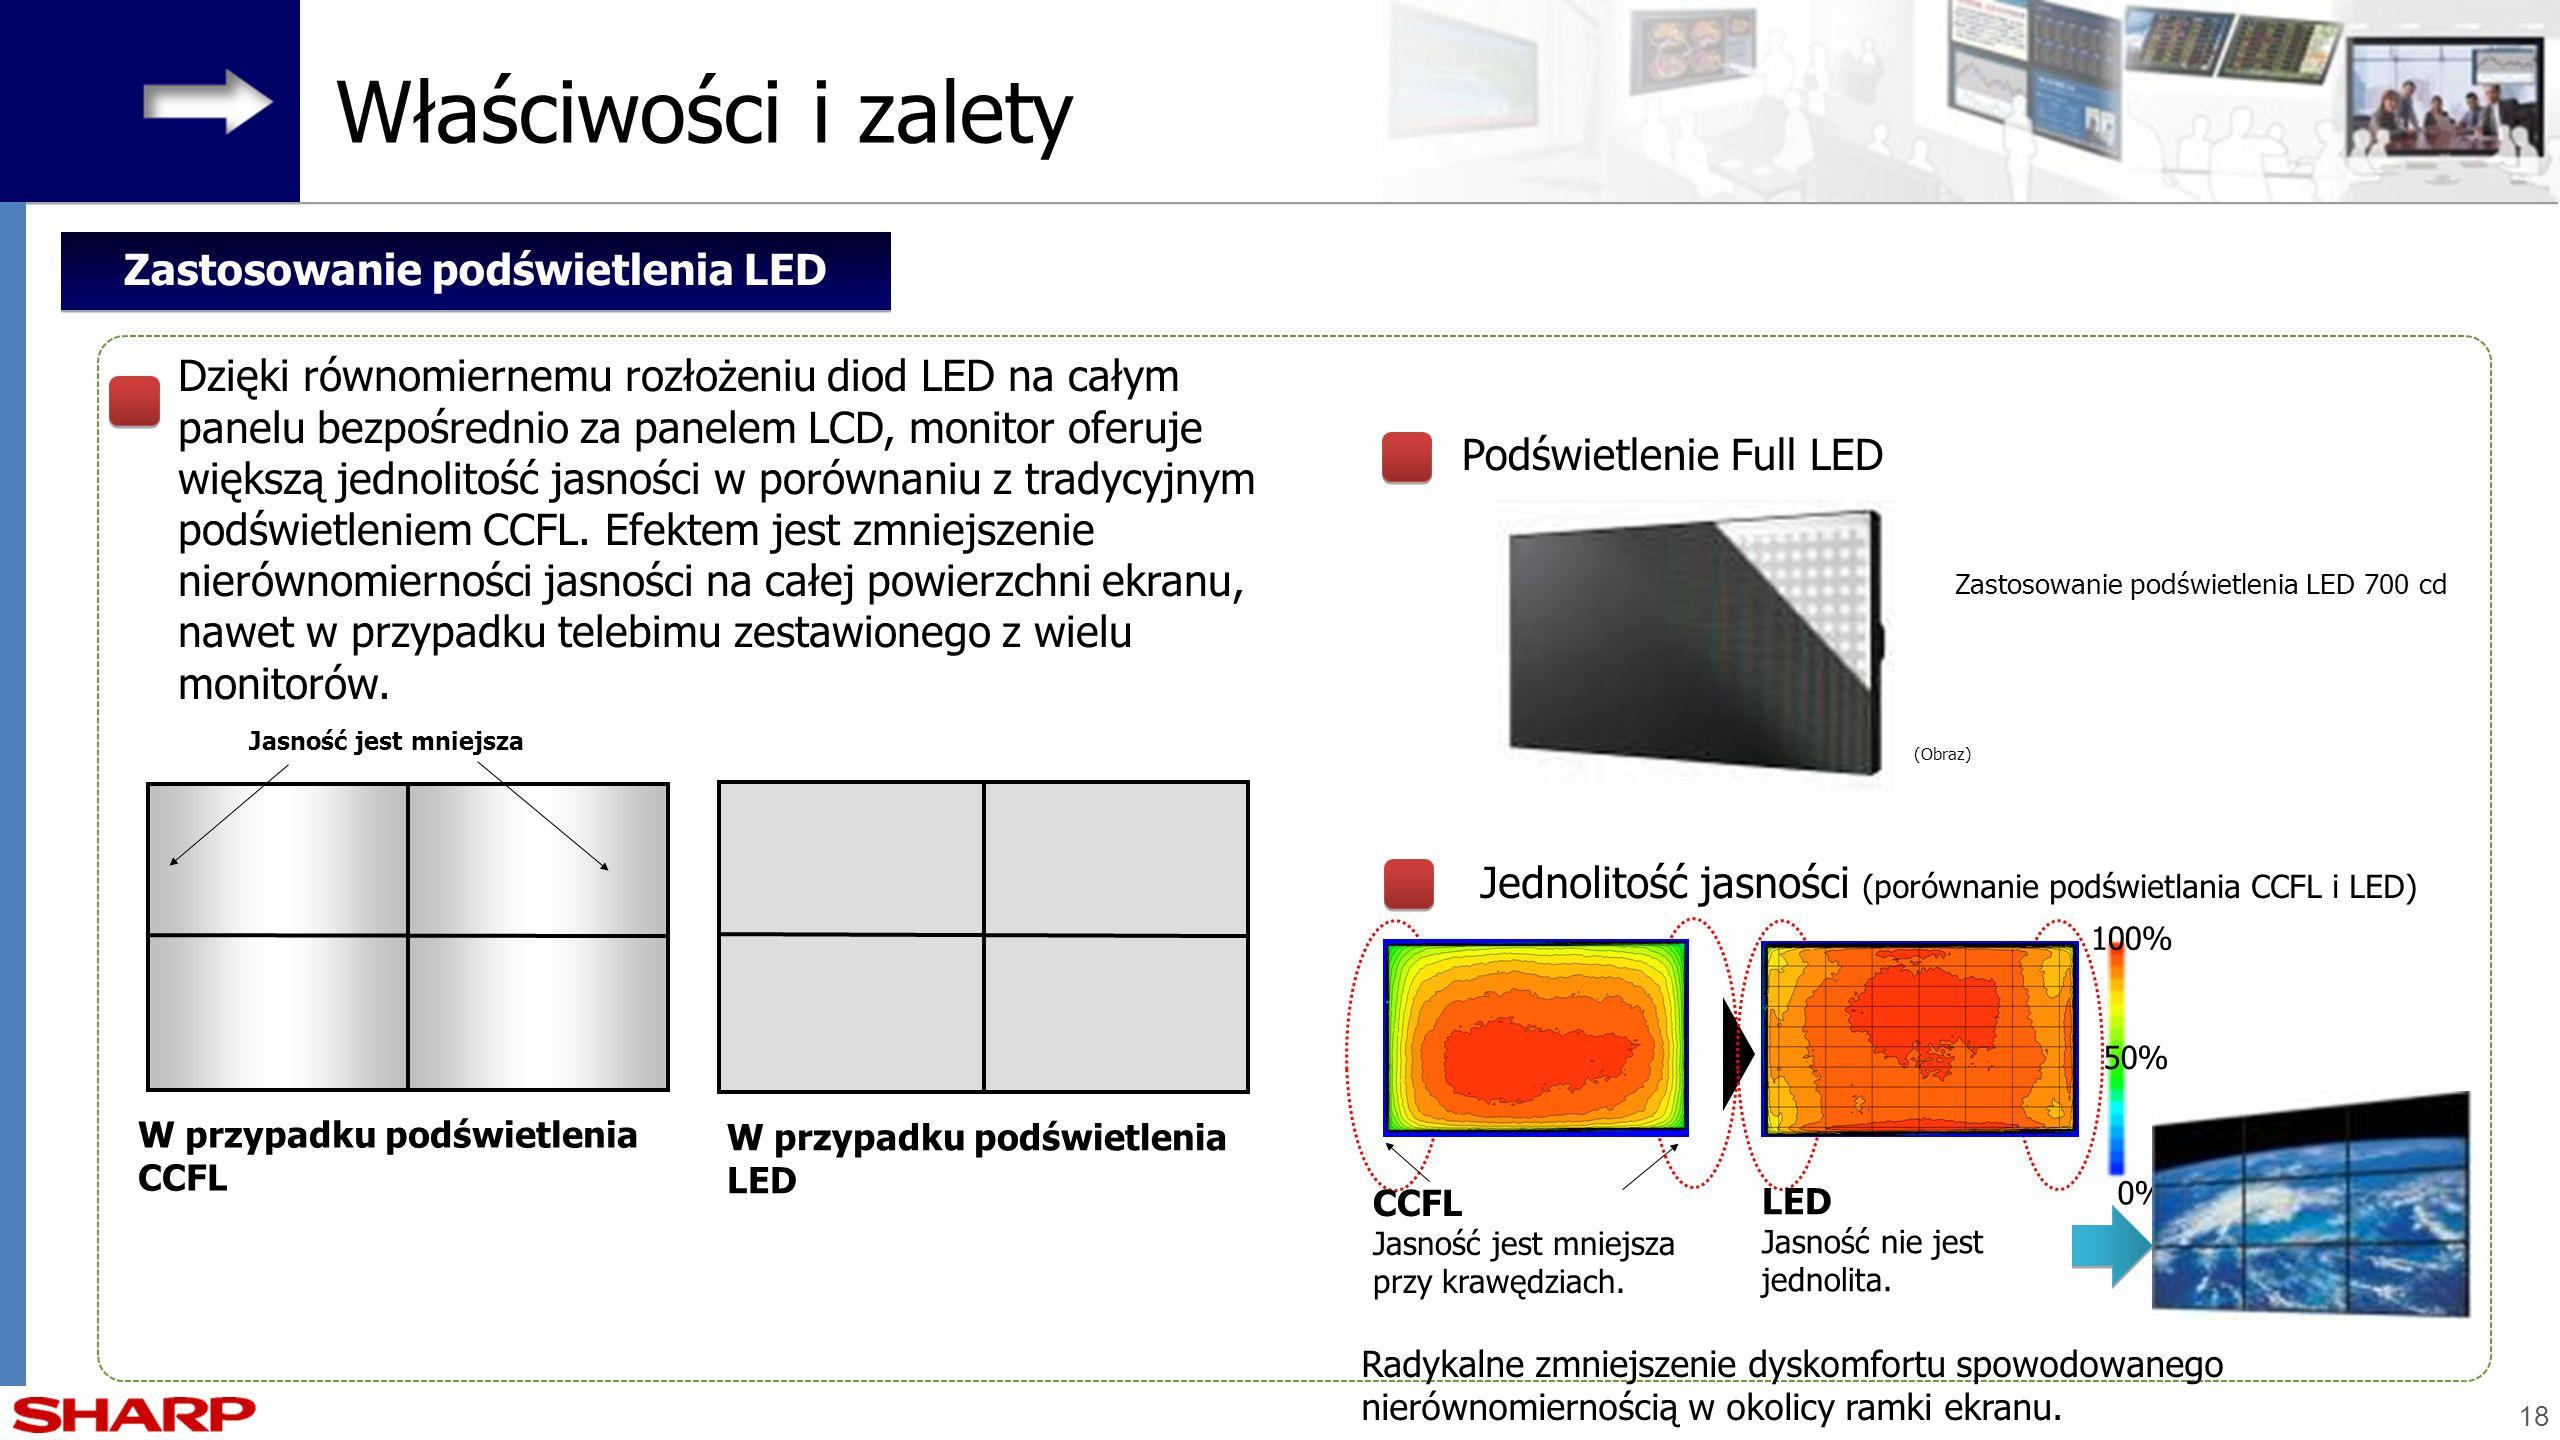 18 W przypadku podświetlenia CCFL W przypadku podświetlenia LED 1818 Jasność jest mniejsza Podświetlenie Full LED Zastosowanie podświetlenia LED 700 c